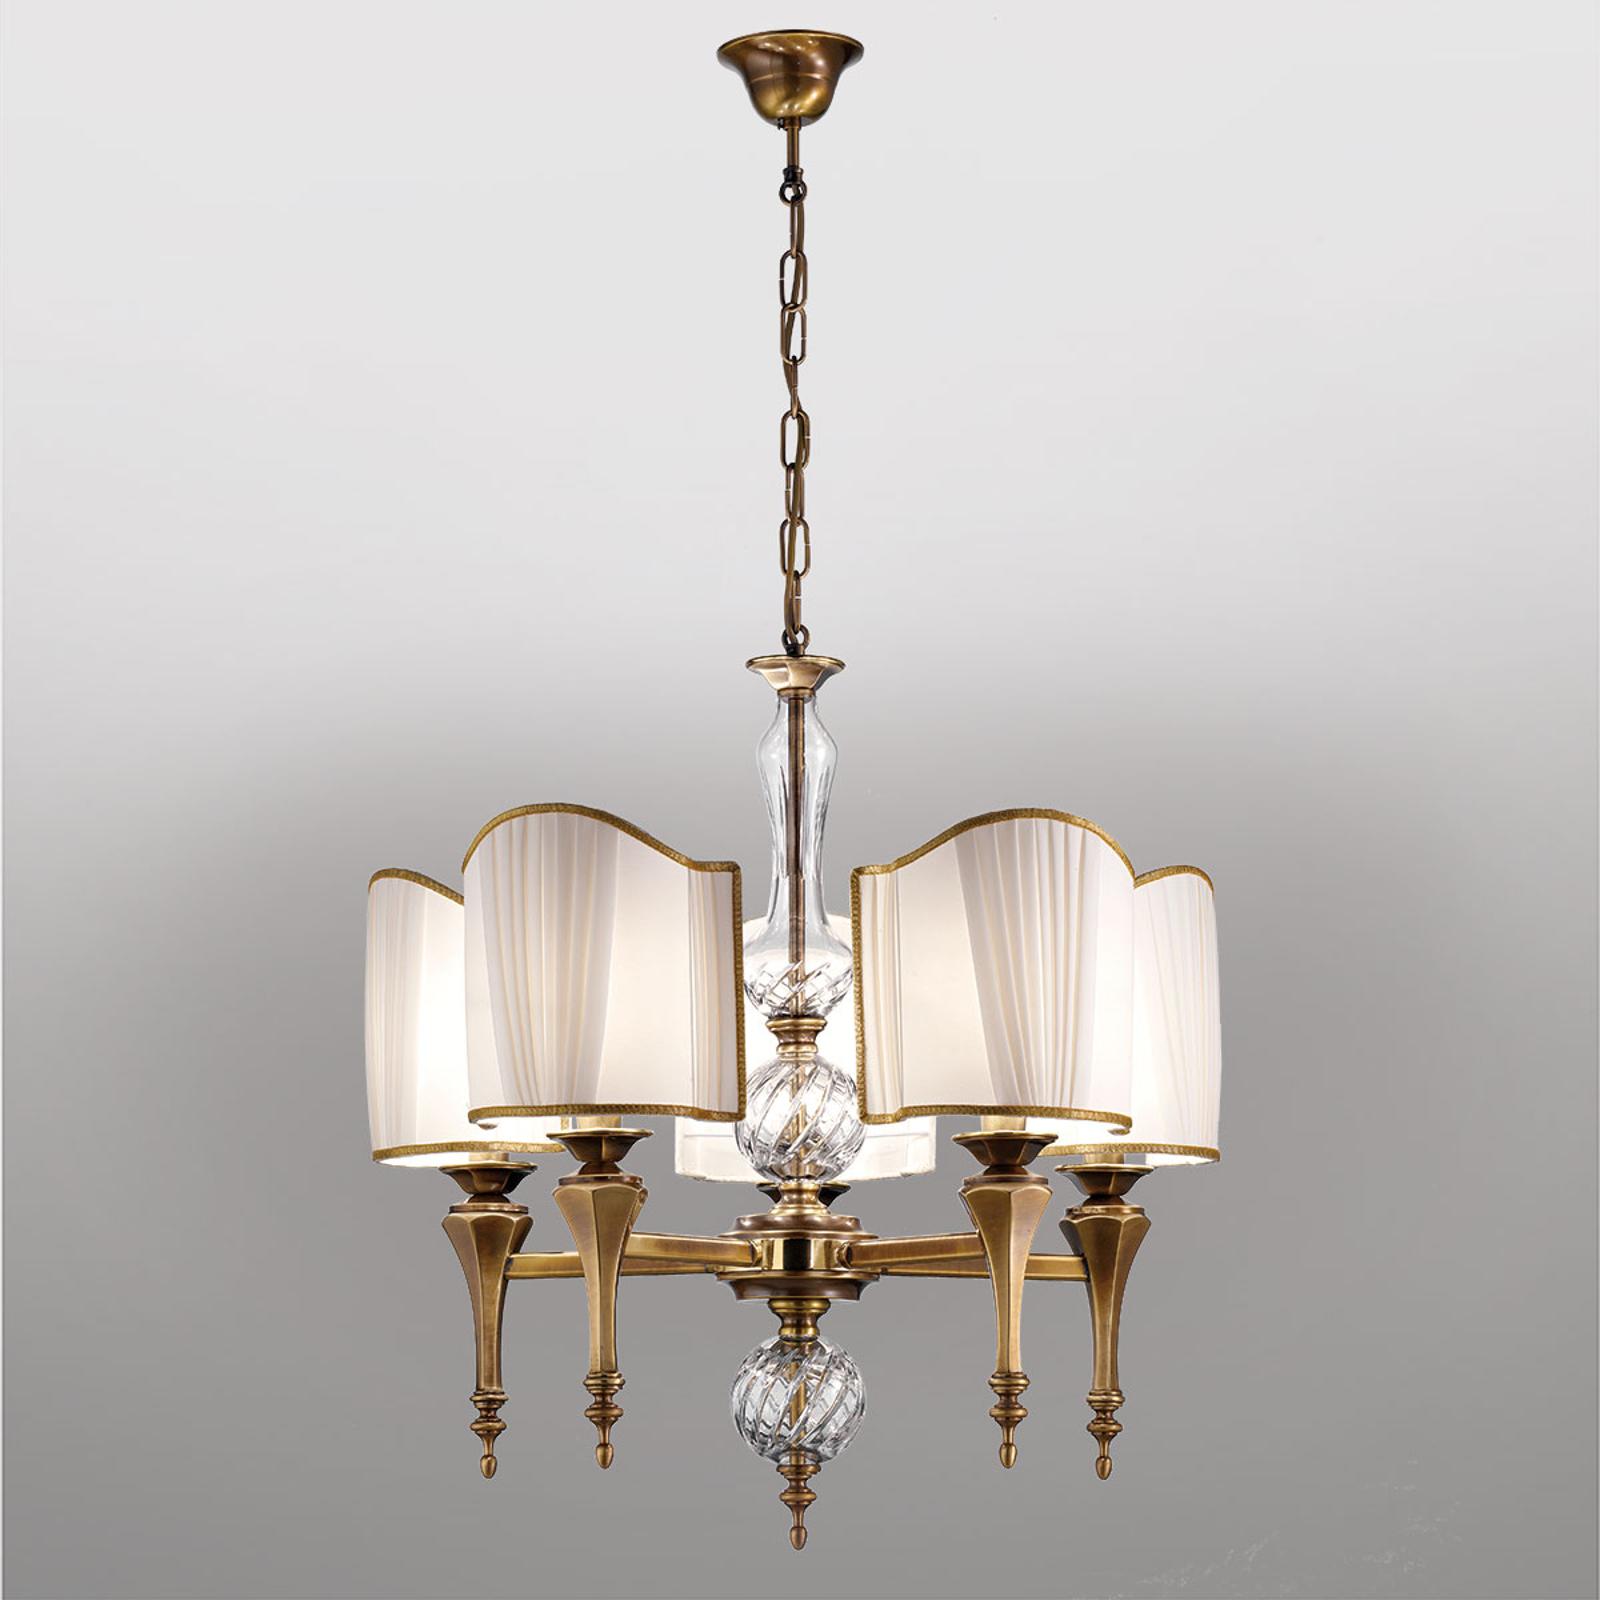 Anticky pôsobiaca závesná lampa Belle Epoque